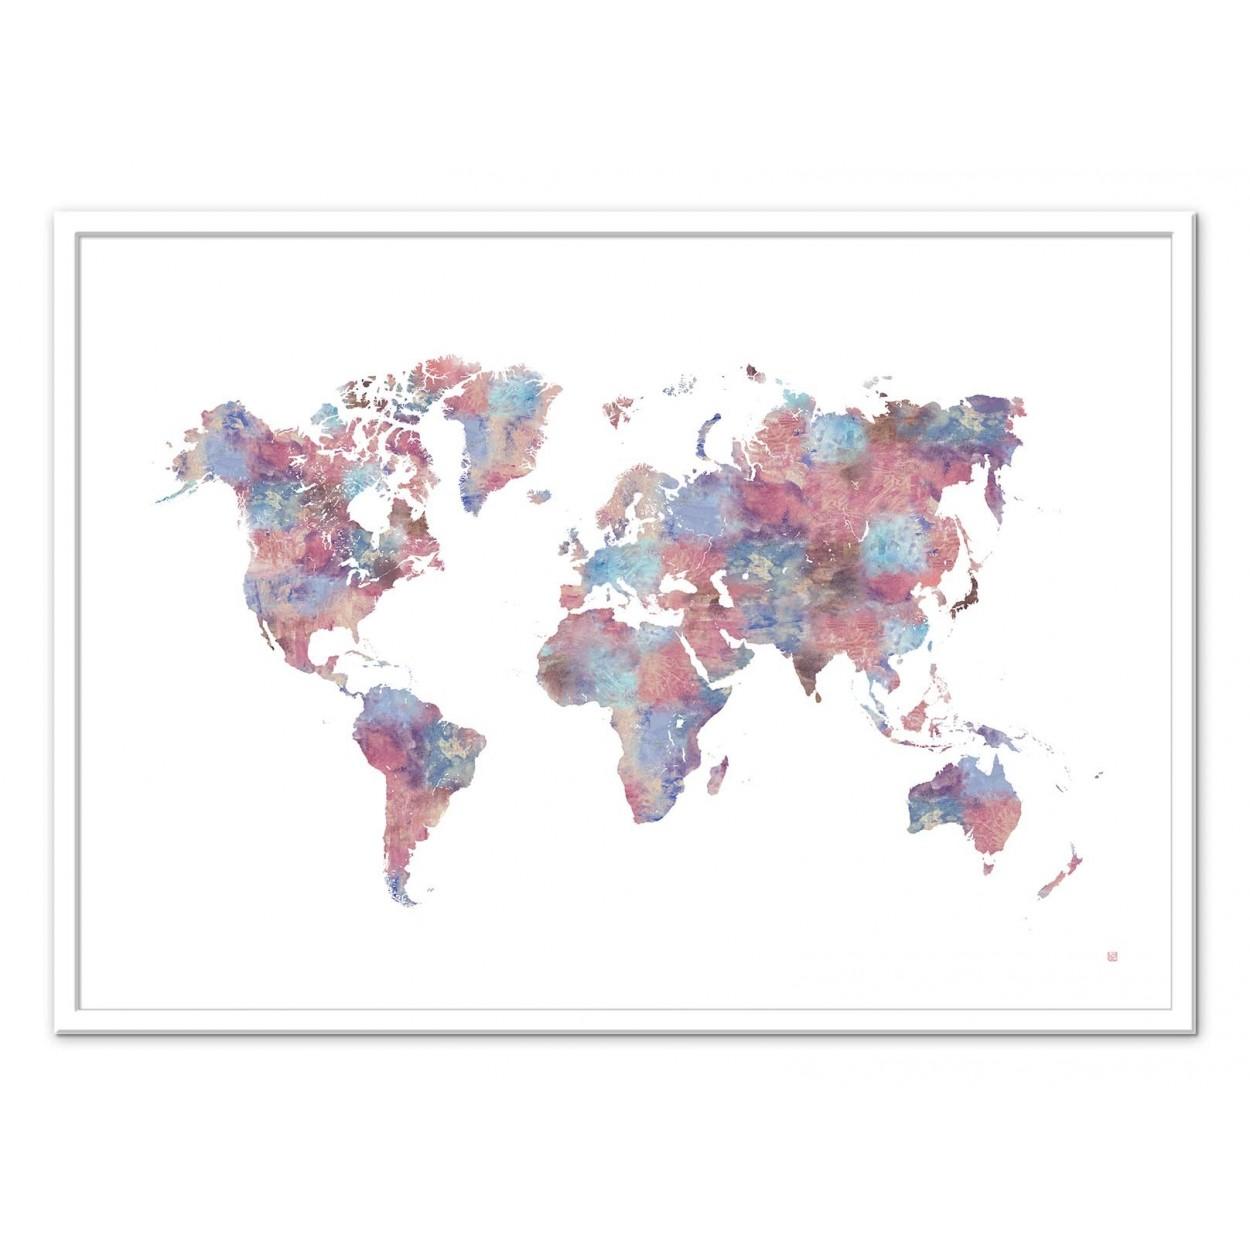 affiche d 39 art photo et poster design d 39 une carte du monde. Black Bedroom Furniture Sets. Home Design Ideas